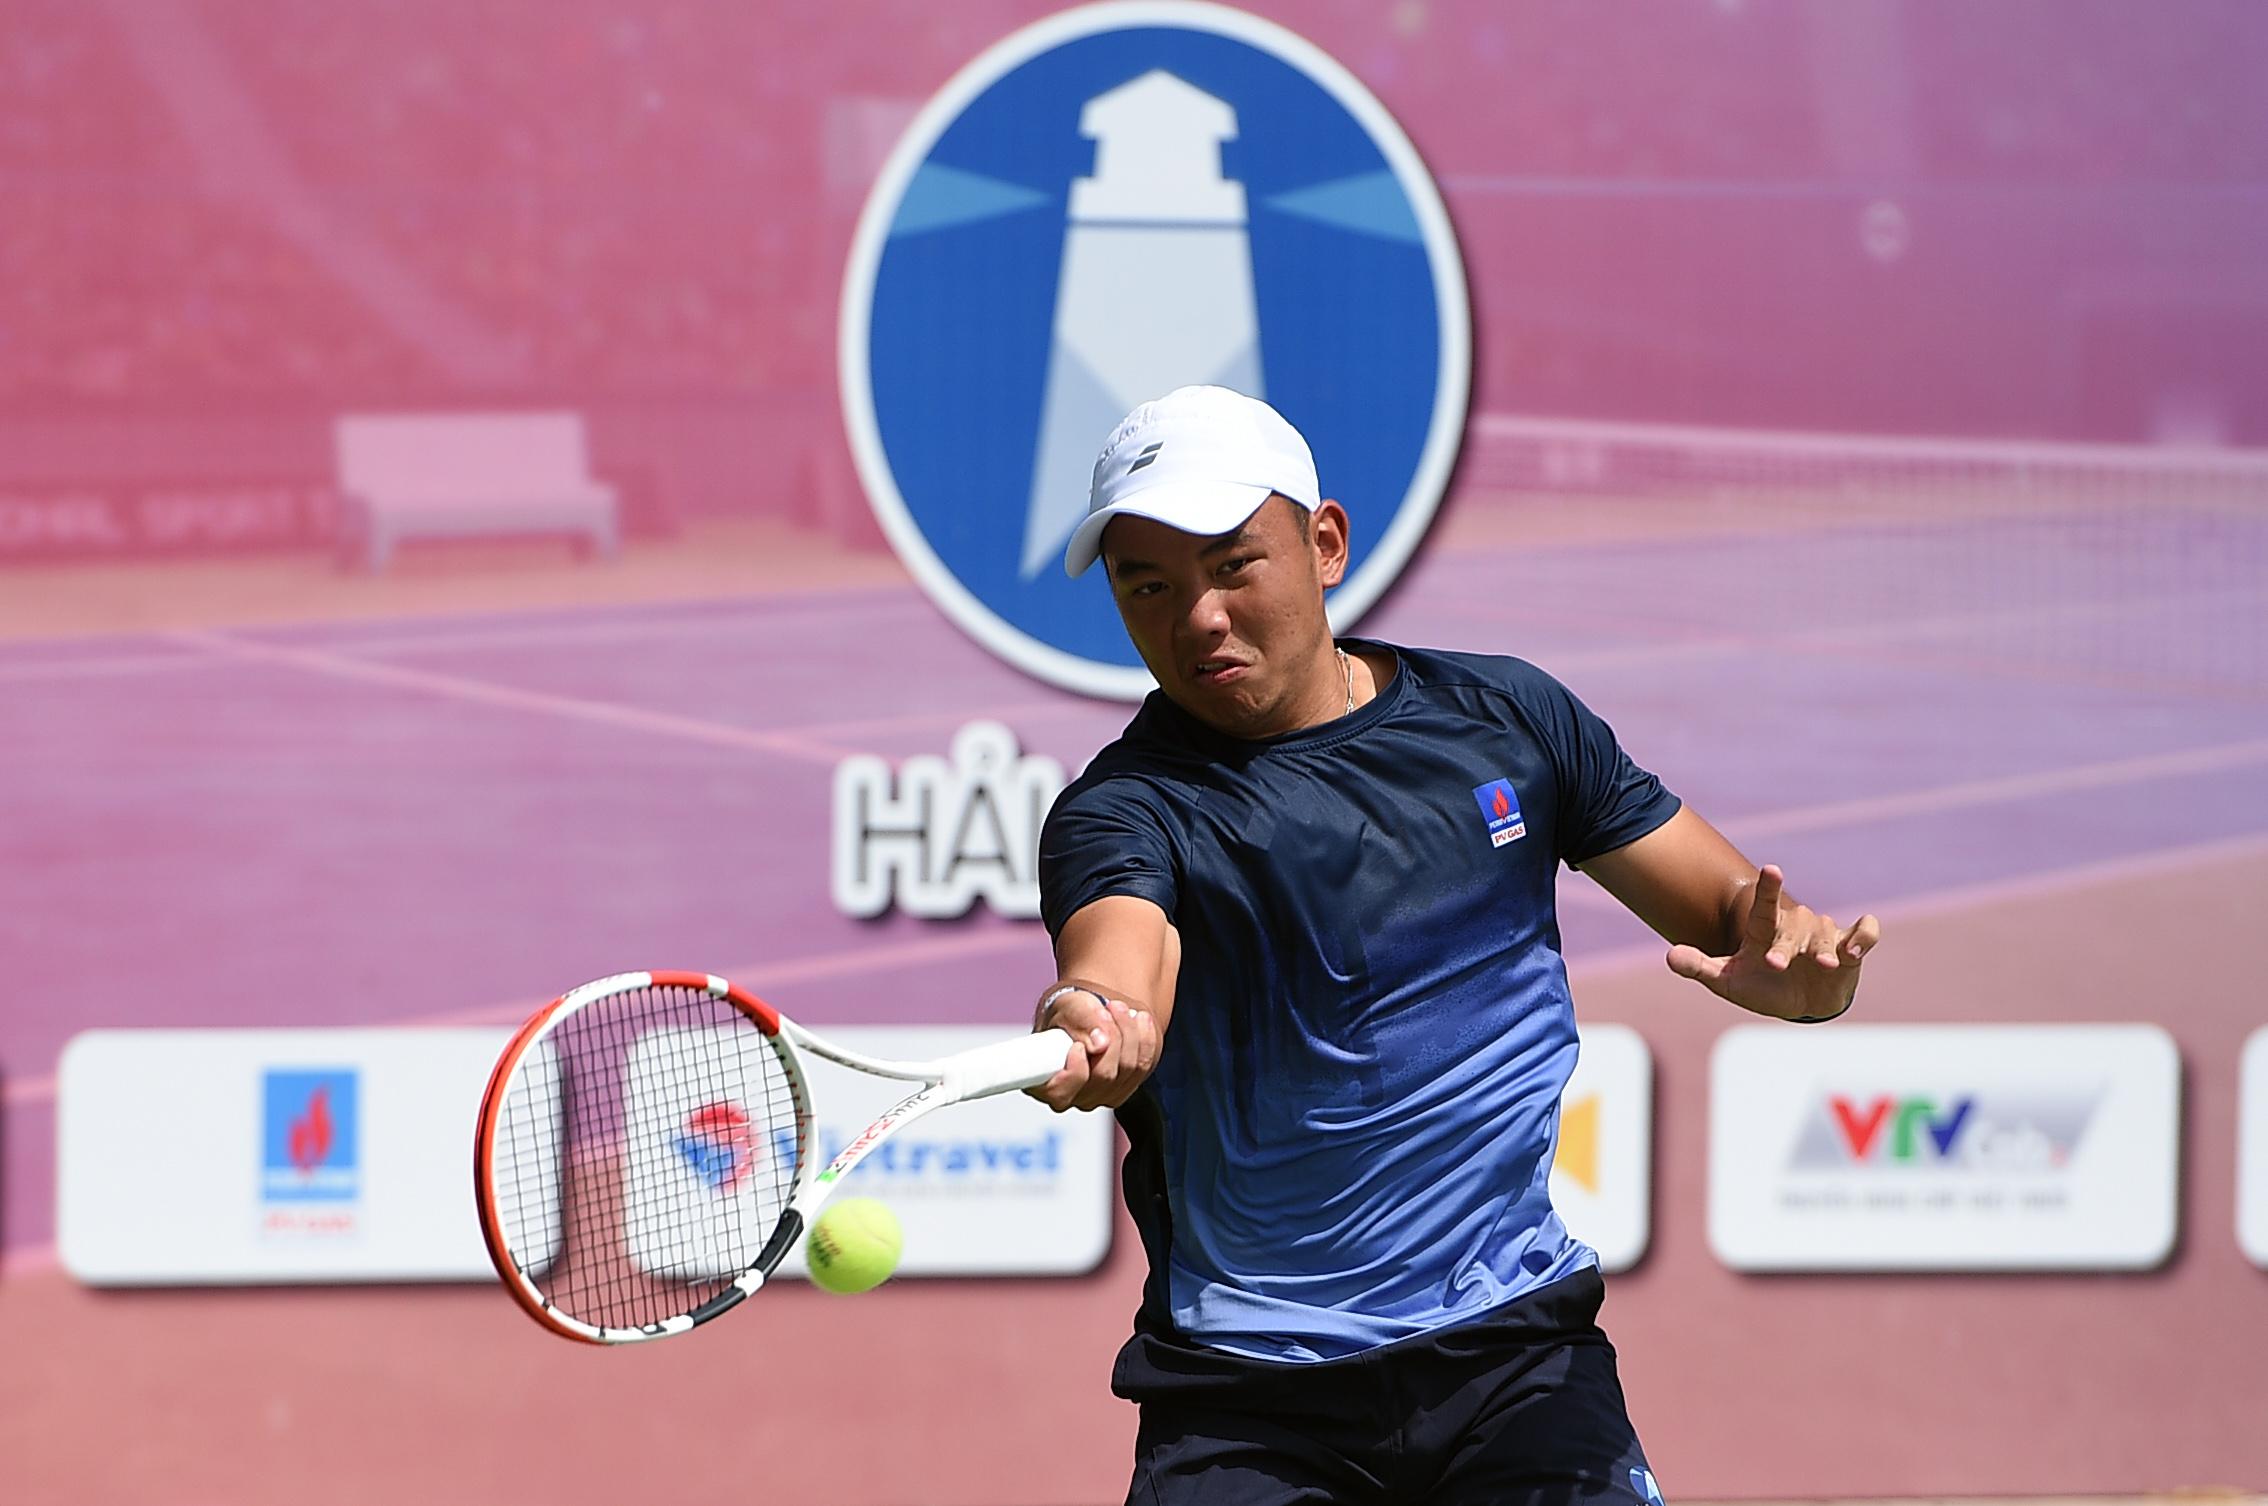 Hơn 80 VĐV hàng đầu tranh tài tại Giải quần vợt Vô địch Đồng đội Quốc gia 2021 - Ảnh 1.